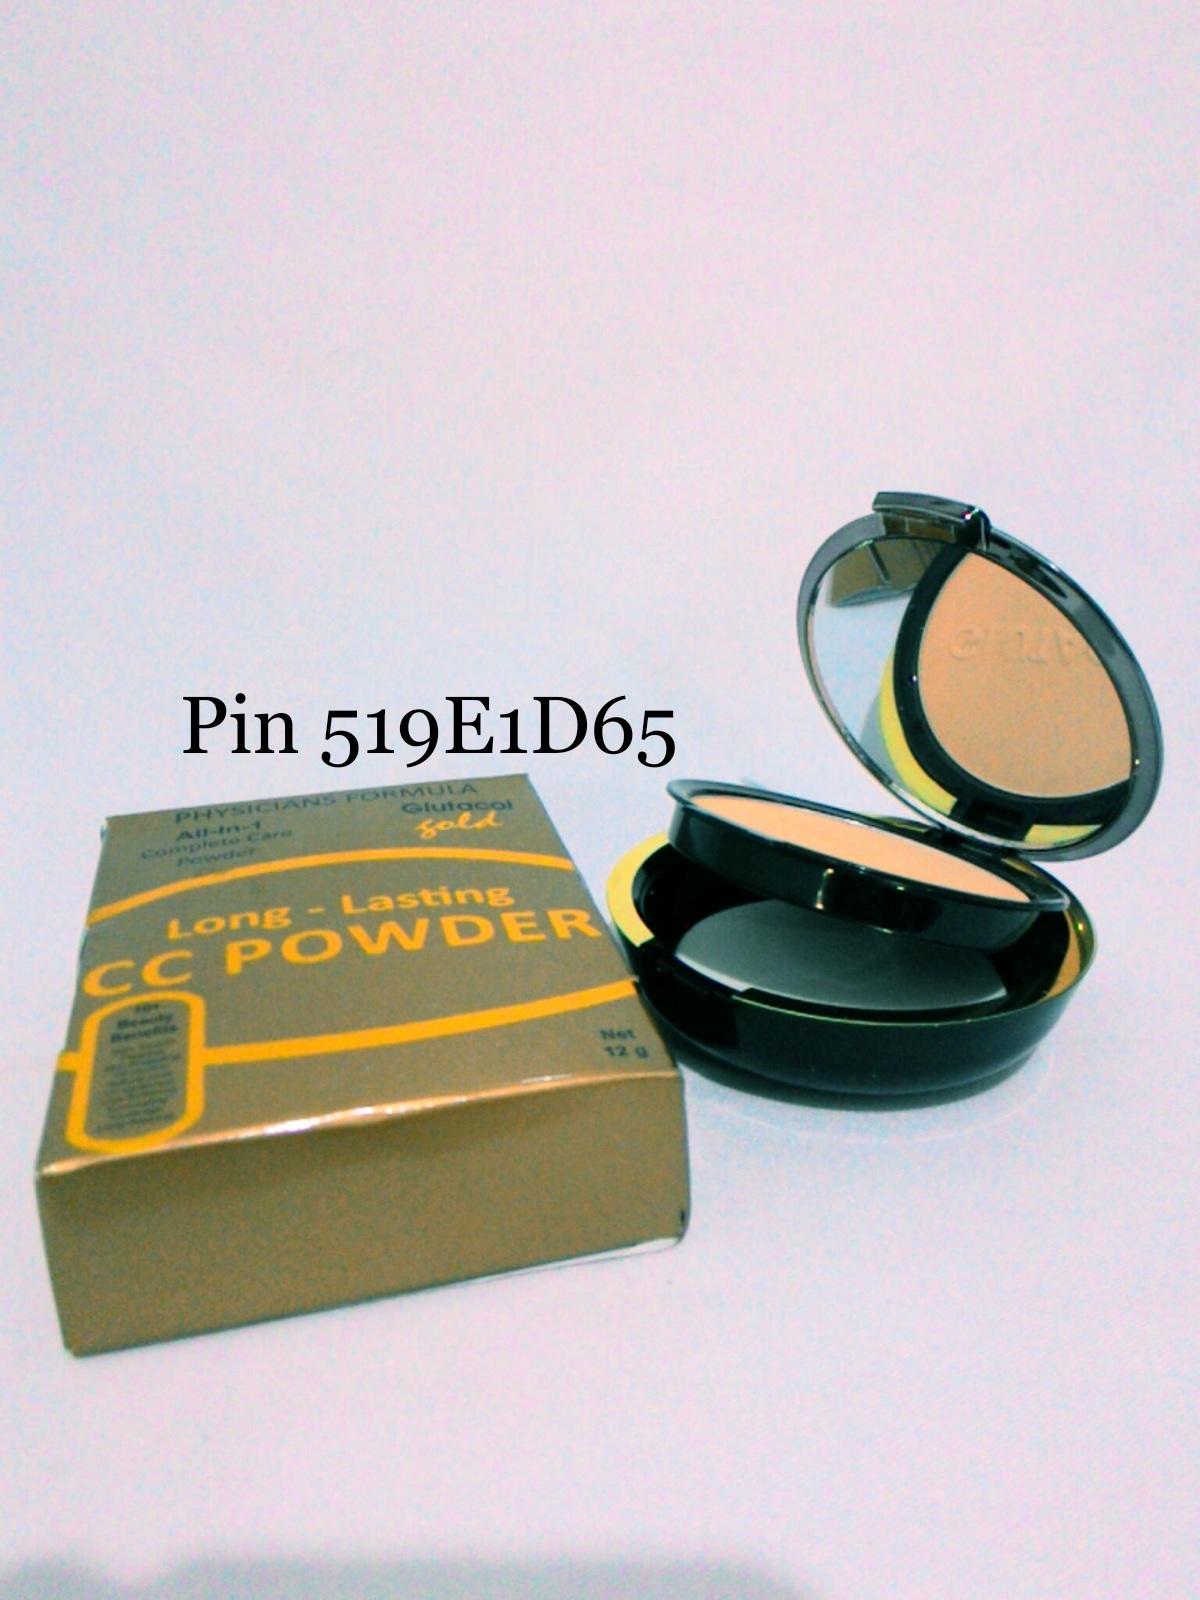 Jual Kulit Mulus Dengan Bedak Cc Powder Glutacol Gold Agen Ertos Original Tokopedia